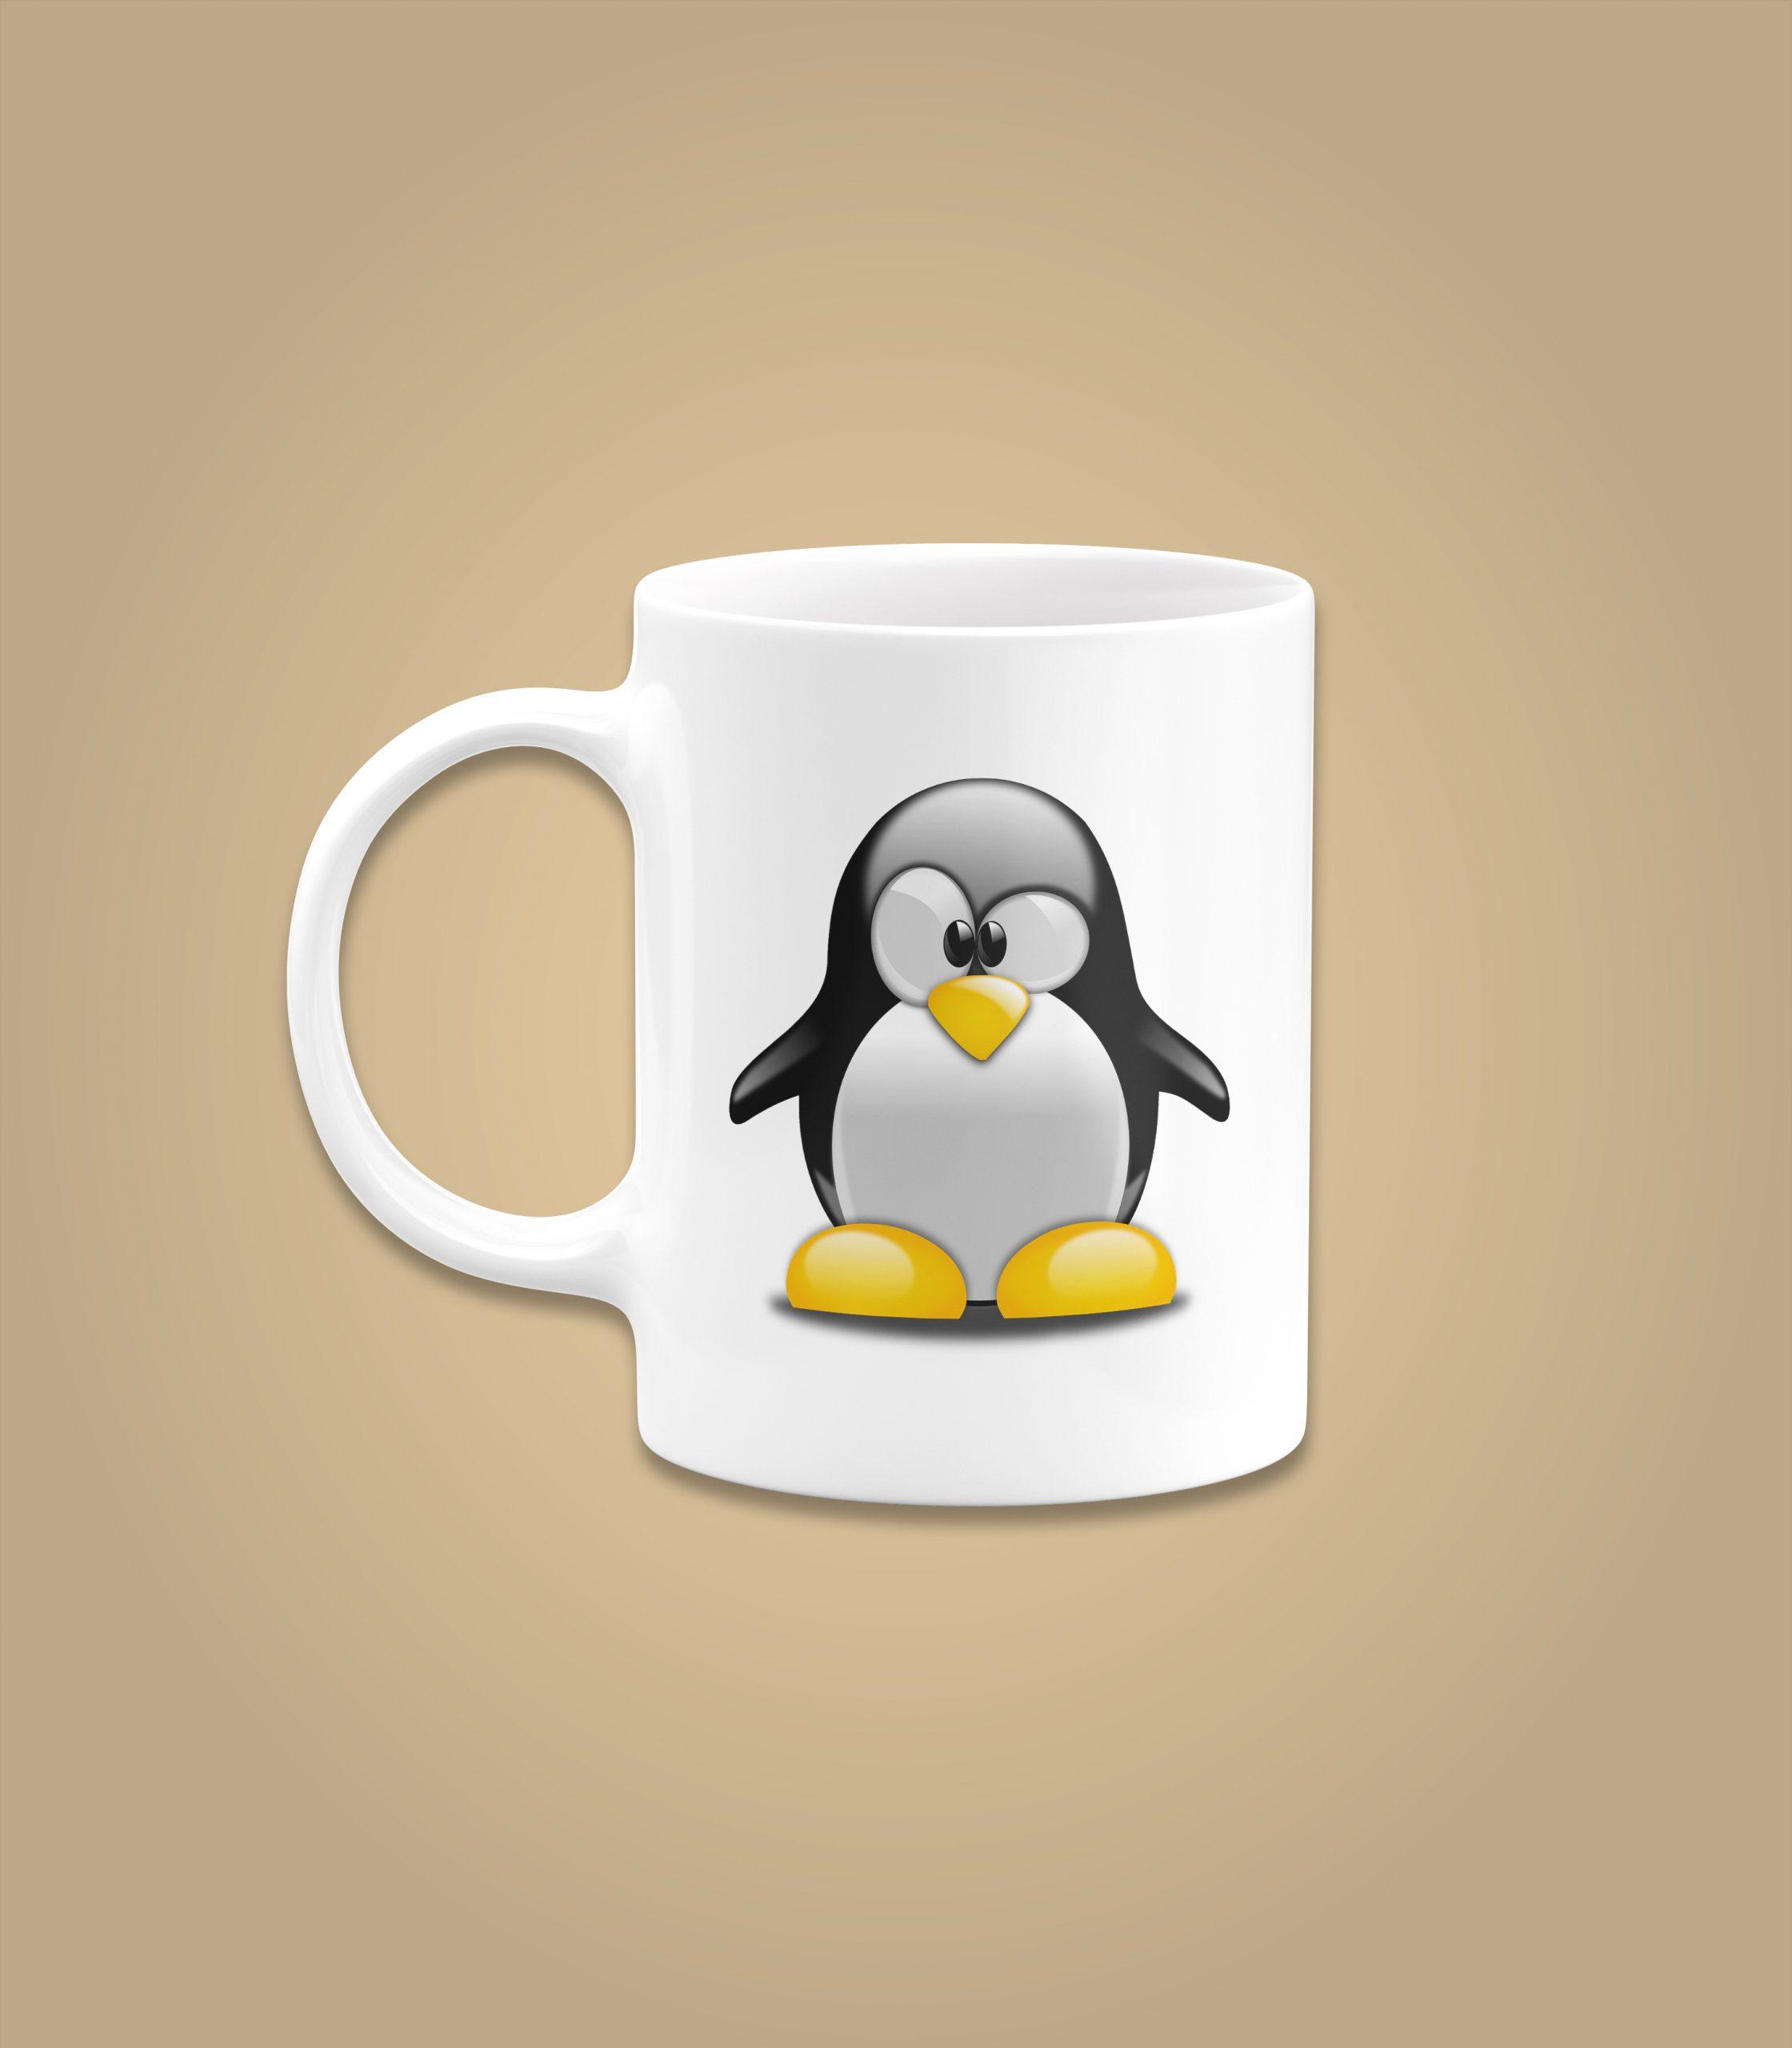 Penguin Confused Cartoon Mug